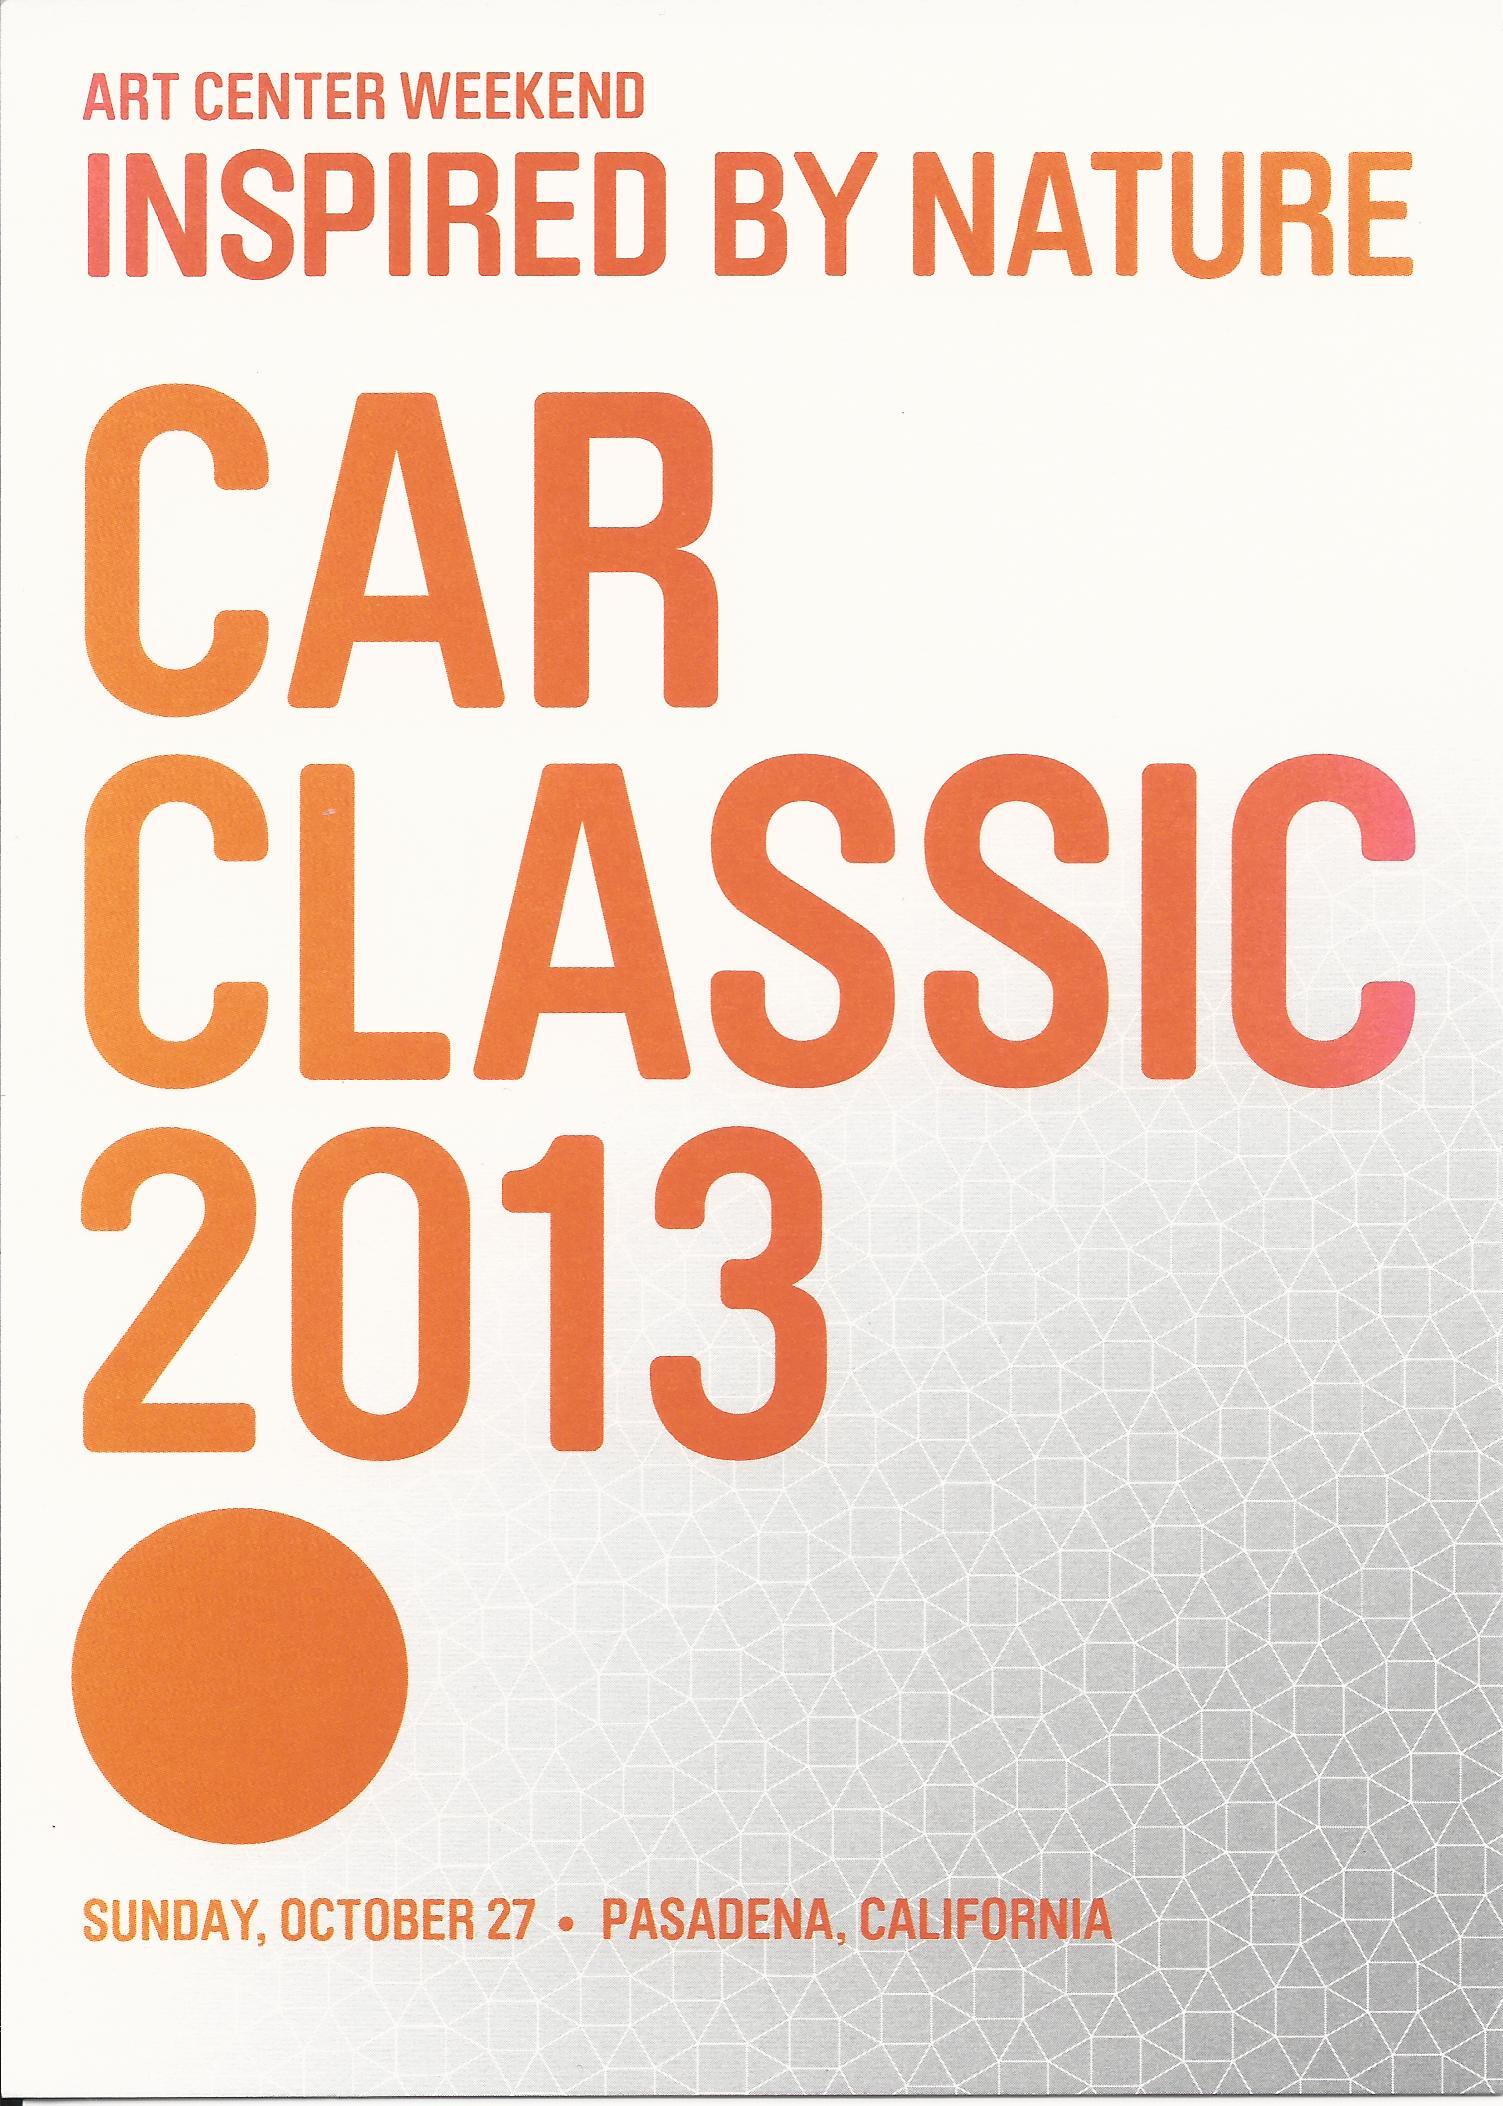 Art Center Car Classic 2013 – a Don't Miss Show